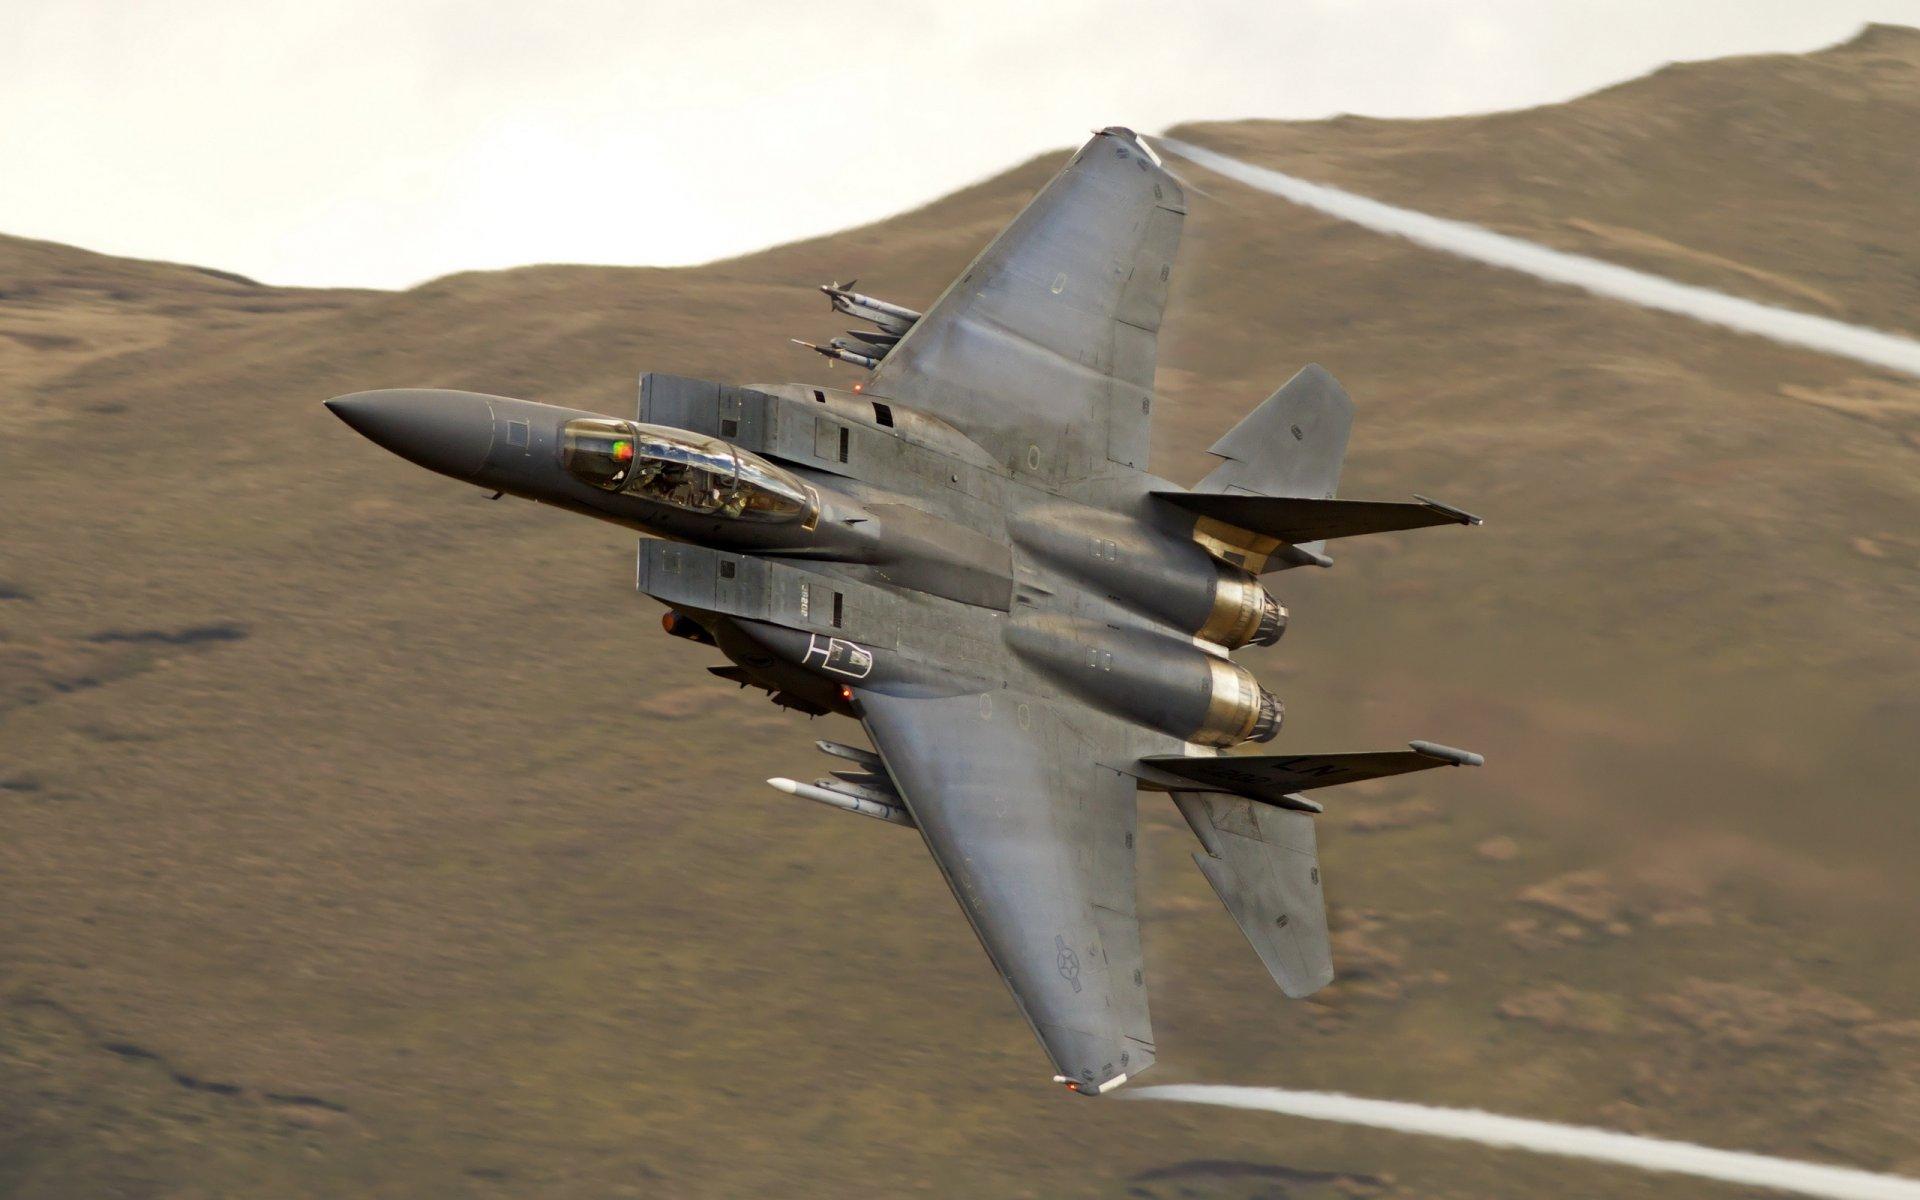 Обои вертикальный предел, F15 strike eagle, истребитель, высота. Авиация foto 8